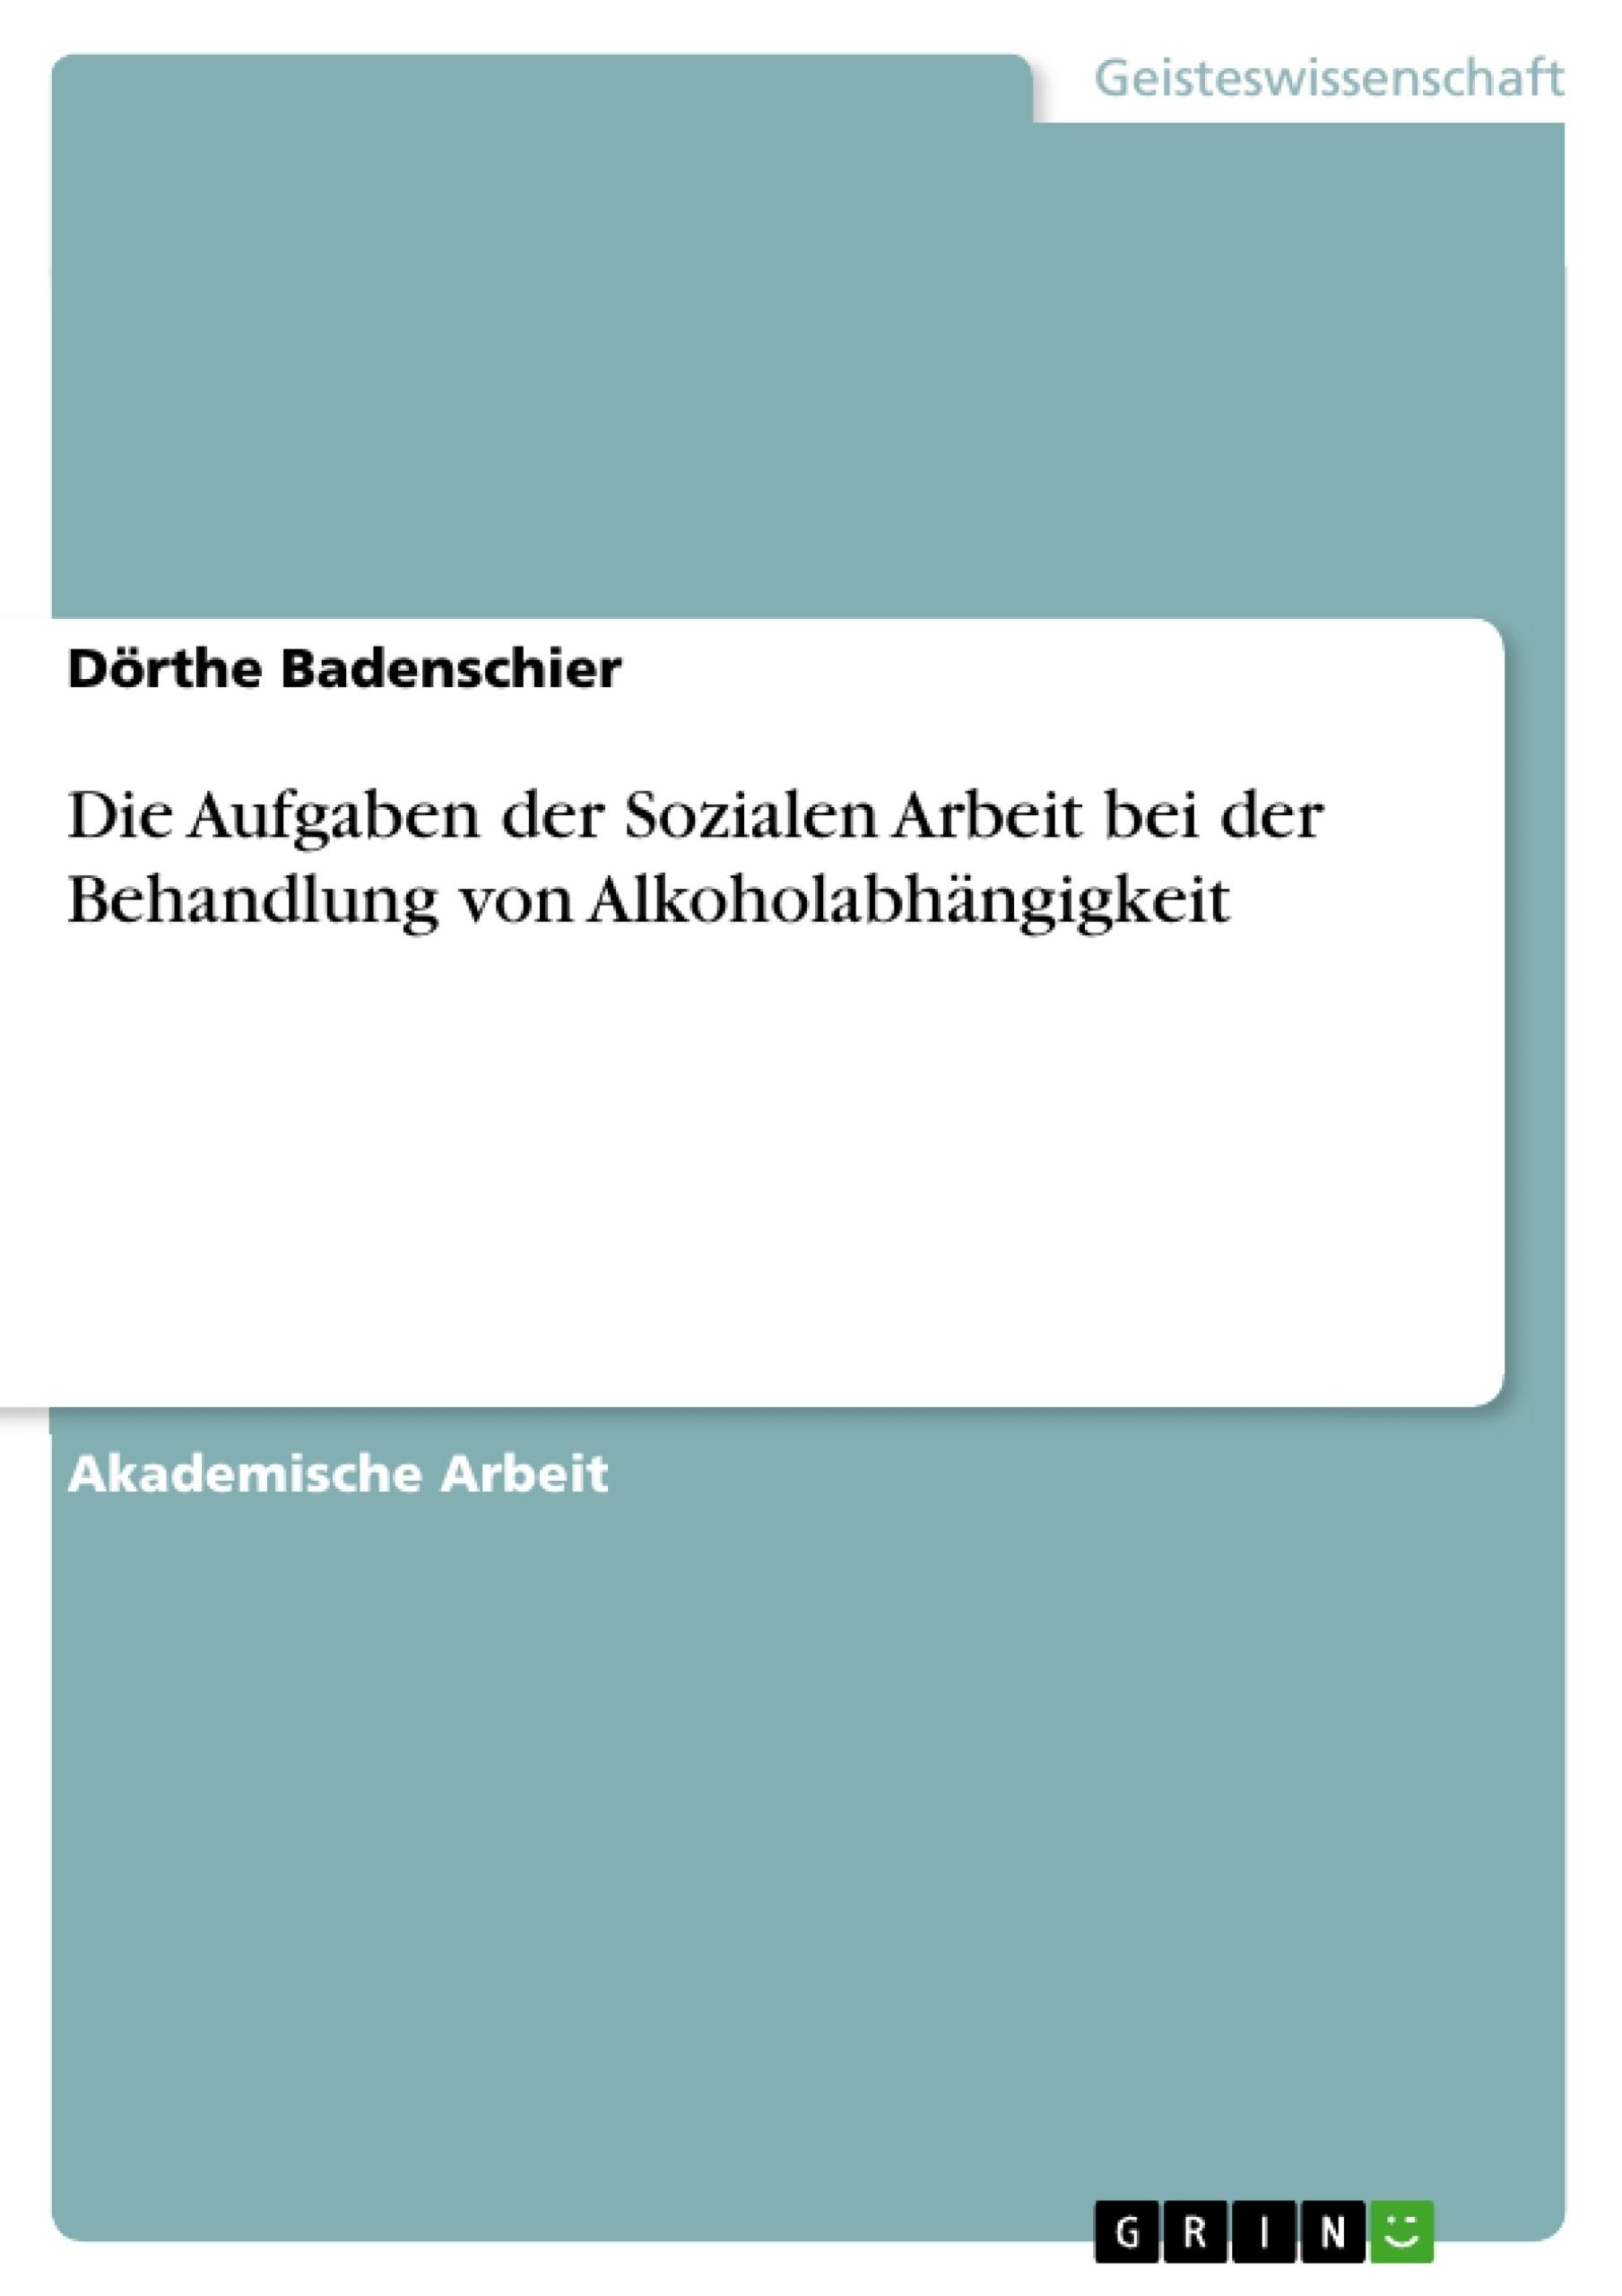 Titel: Die Aufgaben der Sozialen Arbeit bei der Behandlung von Alkoholabhängigkeit